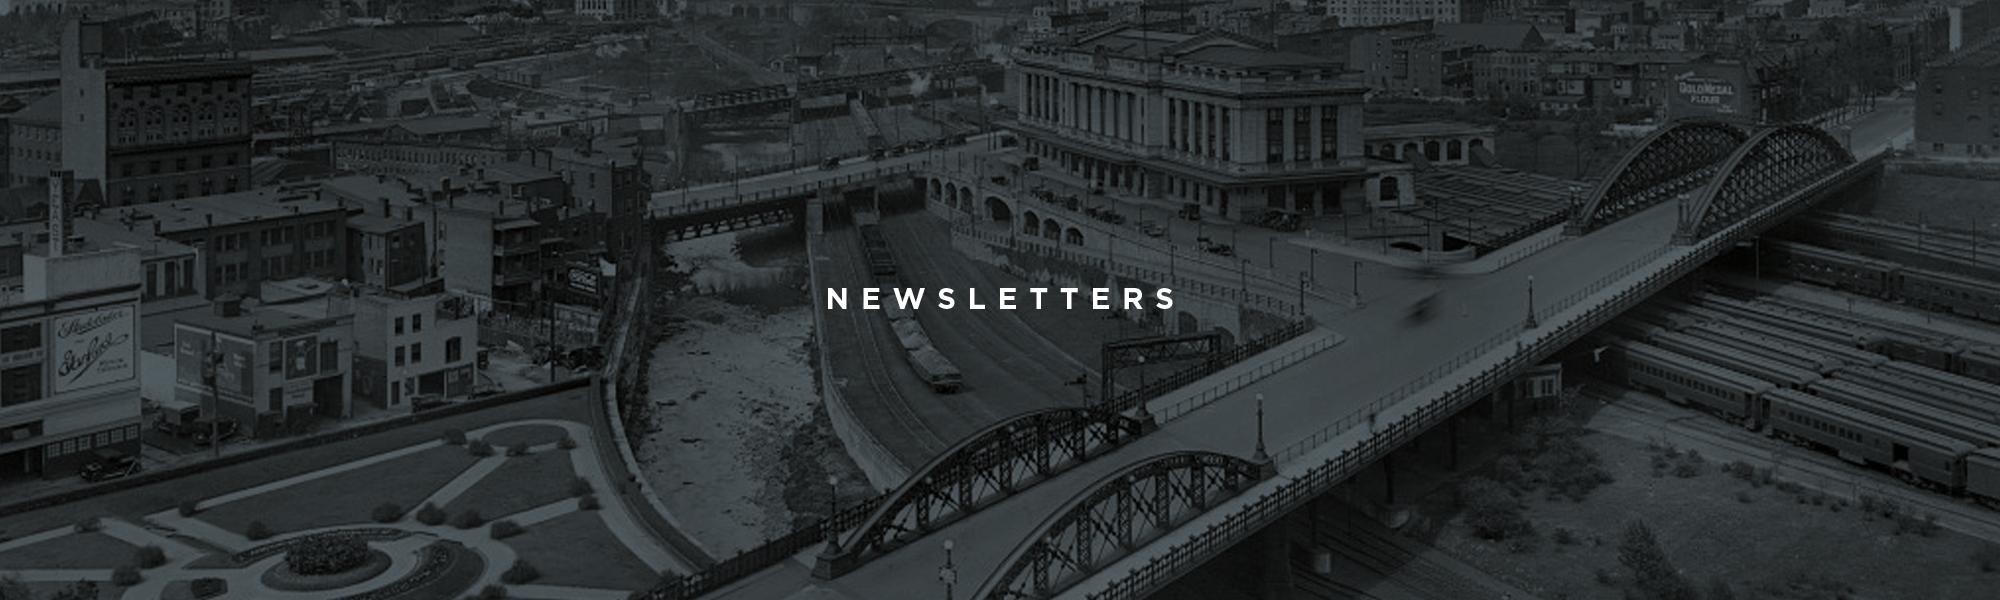 MVBA_Headers_Newsletters